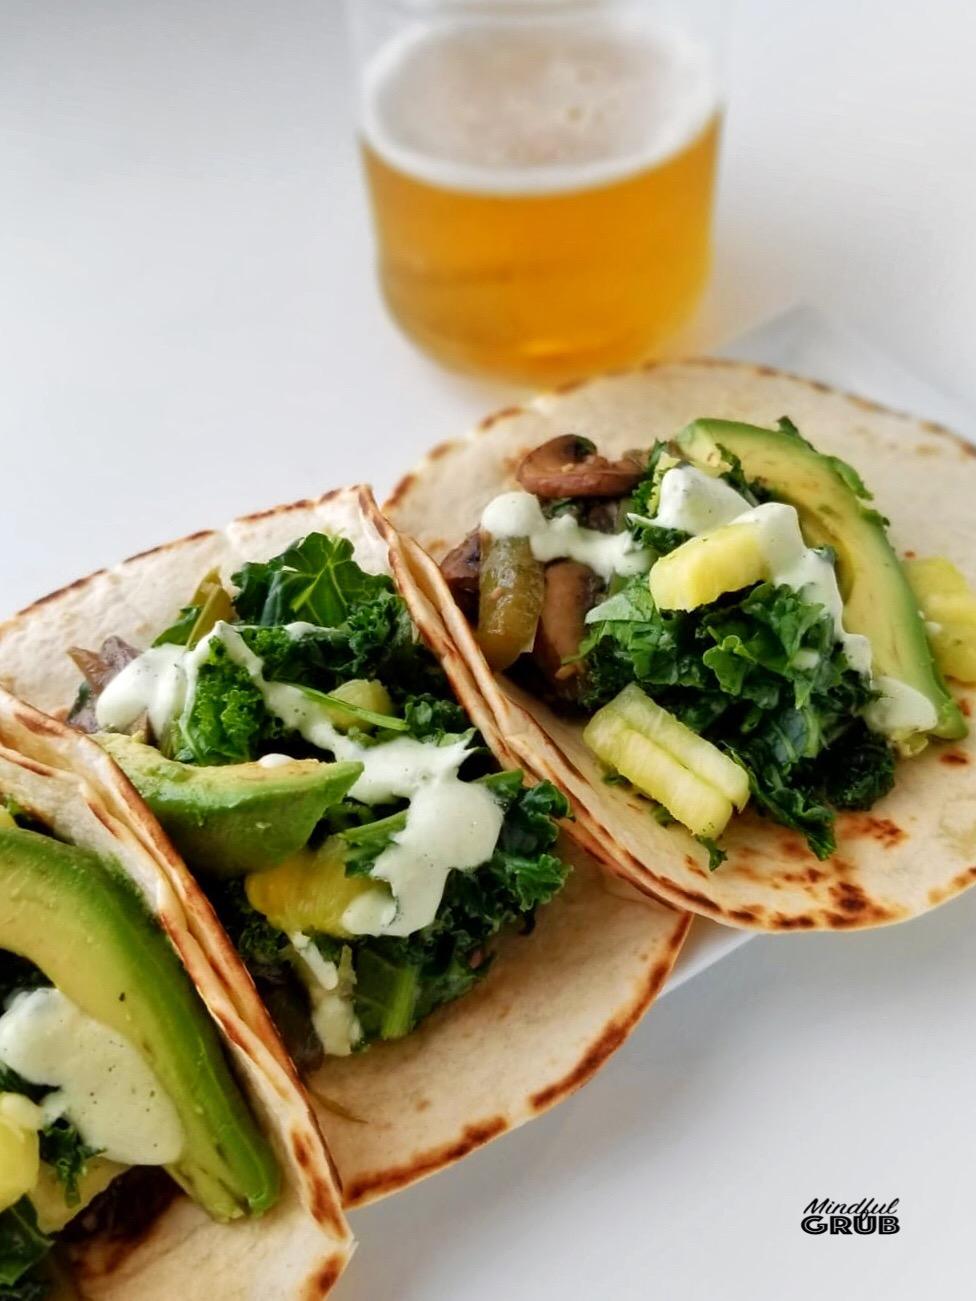 ¡Feliz Taco Tuesday! - Les desea Mindful Grub y Poliniza.